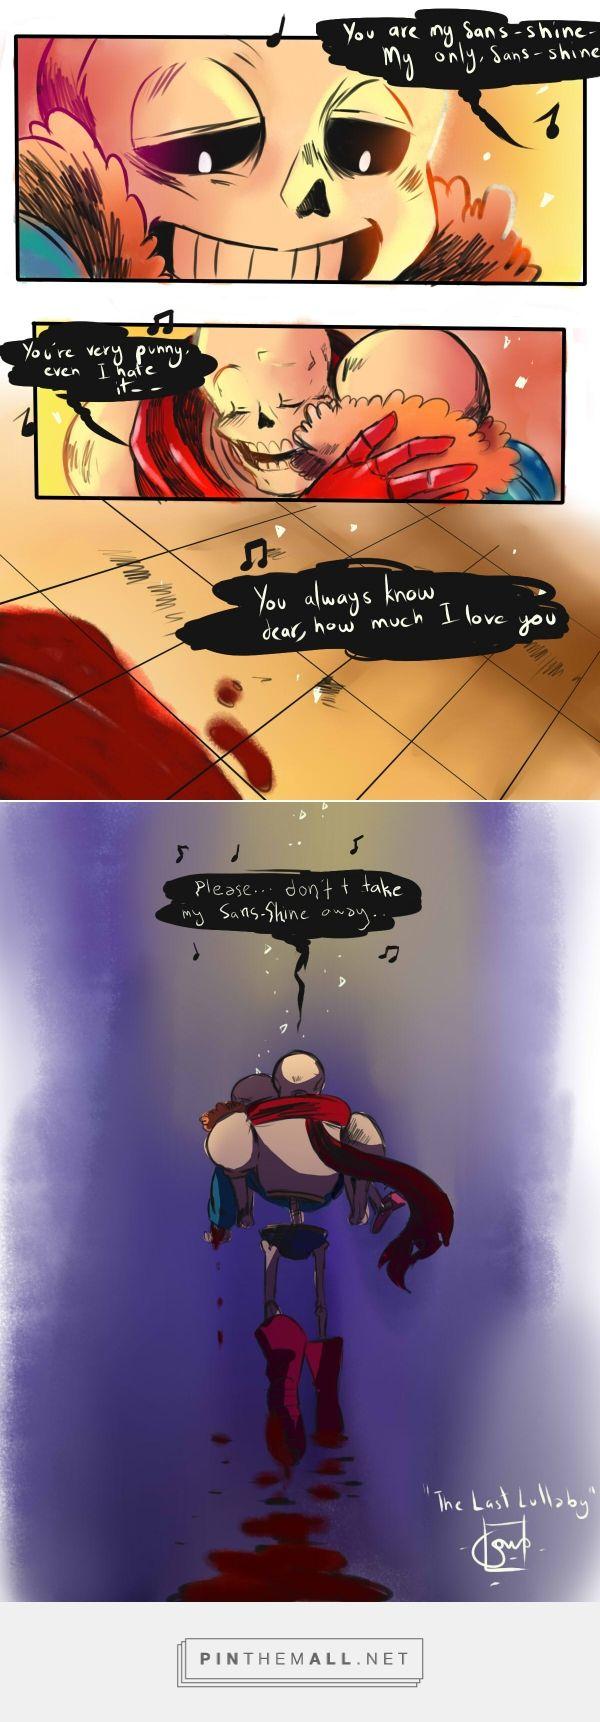 Sans and Papyrus - comic